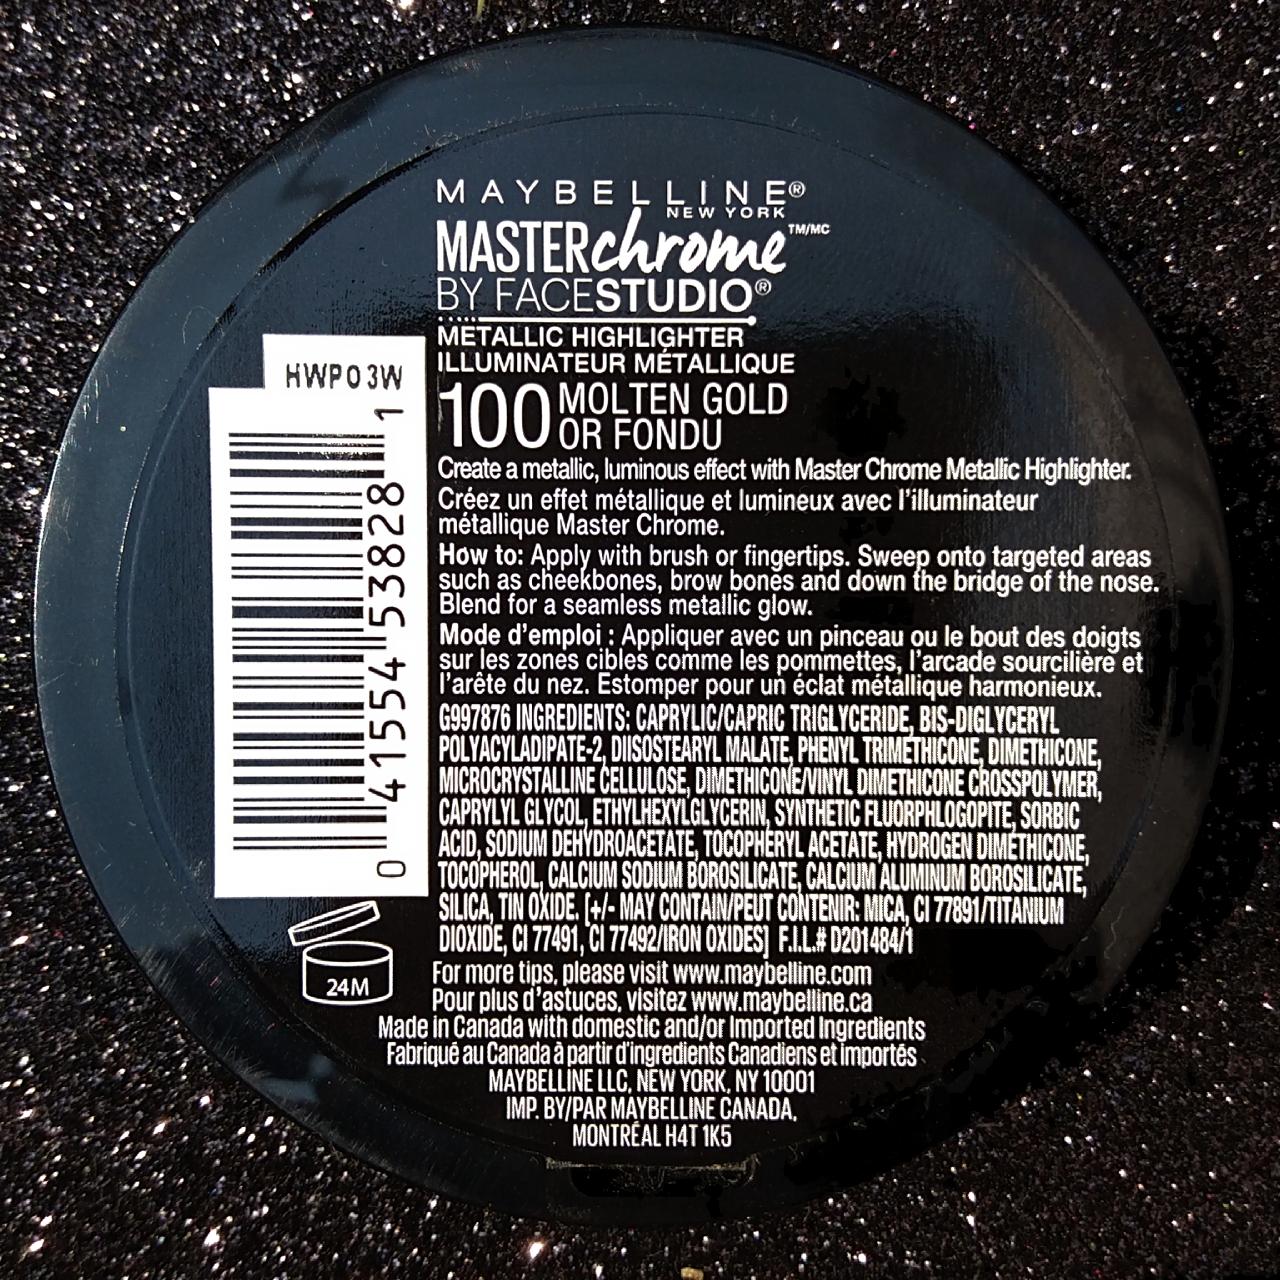 MAYBELLINE MASTER CHROME METALLIC HIGHLIGHTER 1.jpg